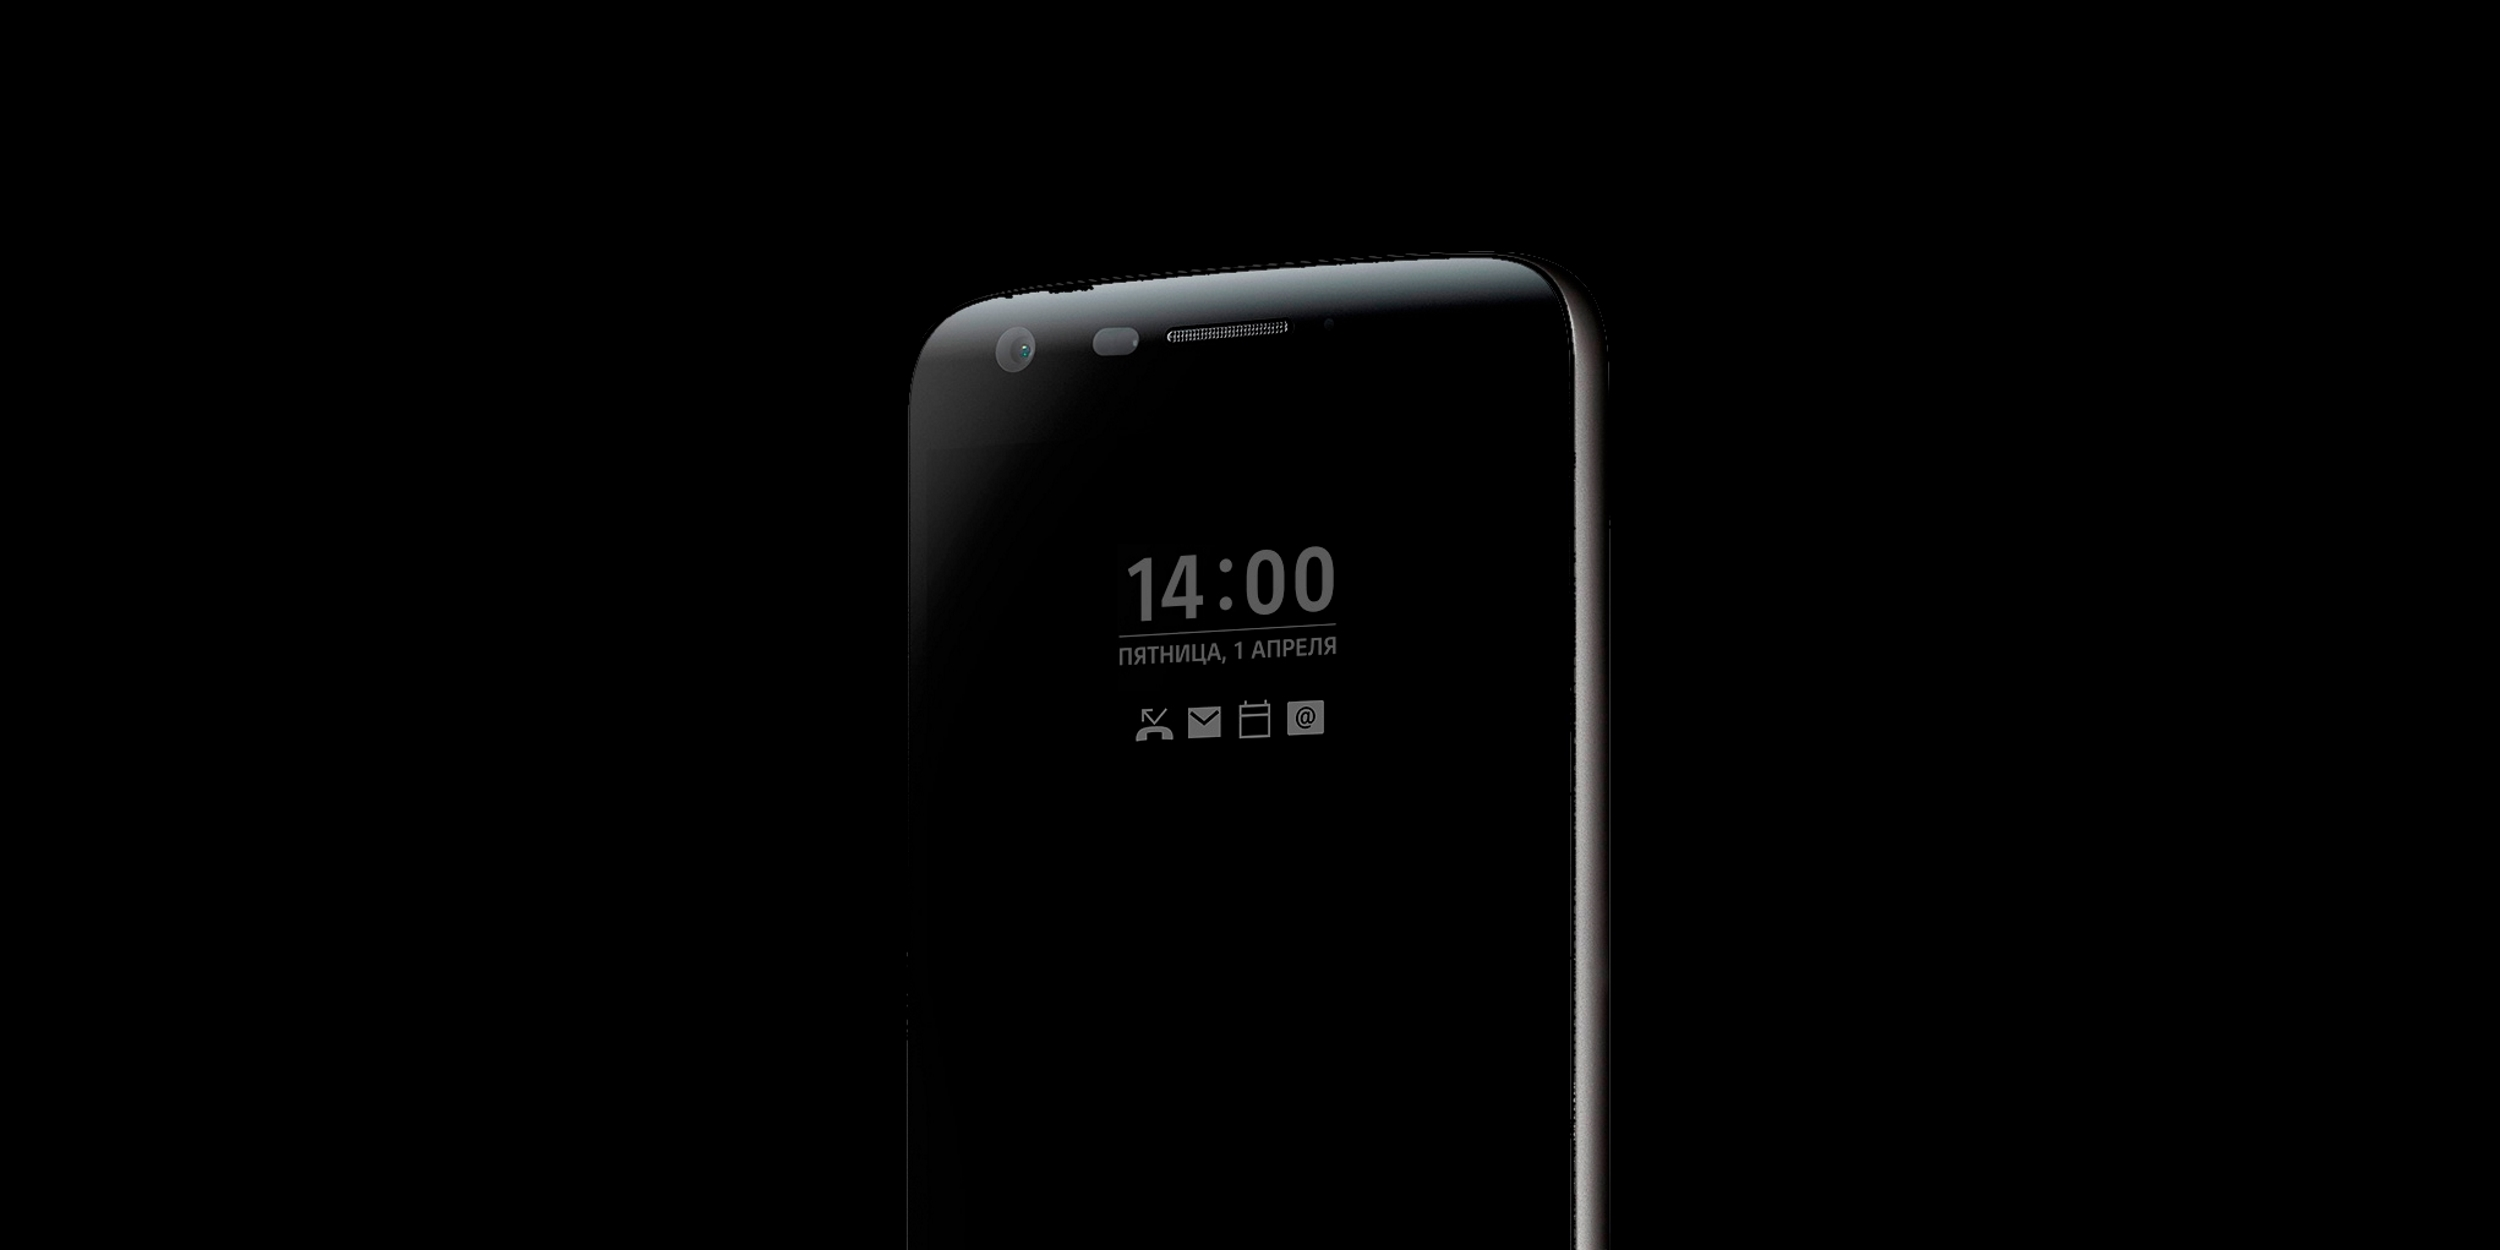 Как на фото сделать чёрный фон на телефоне